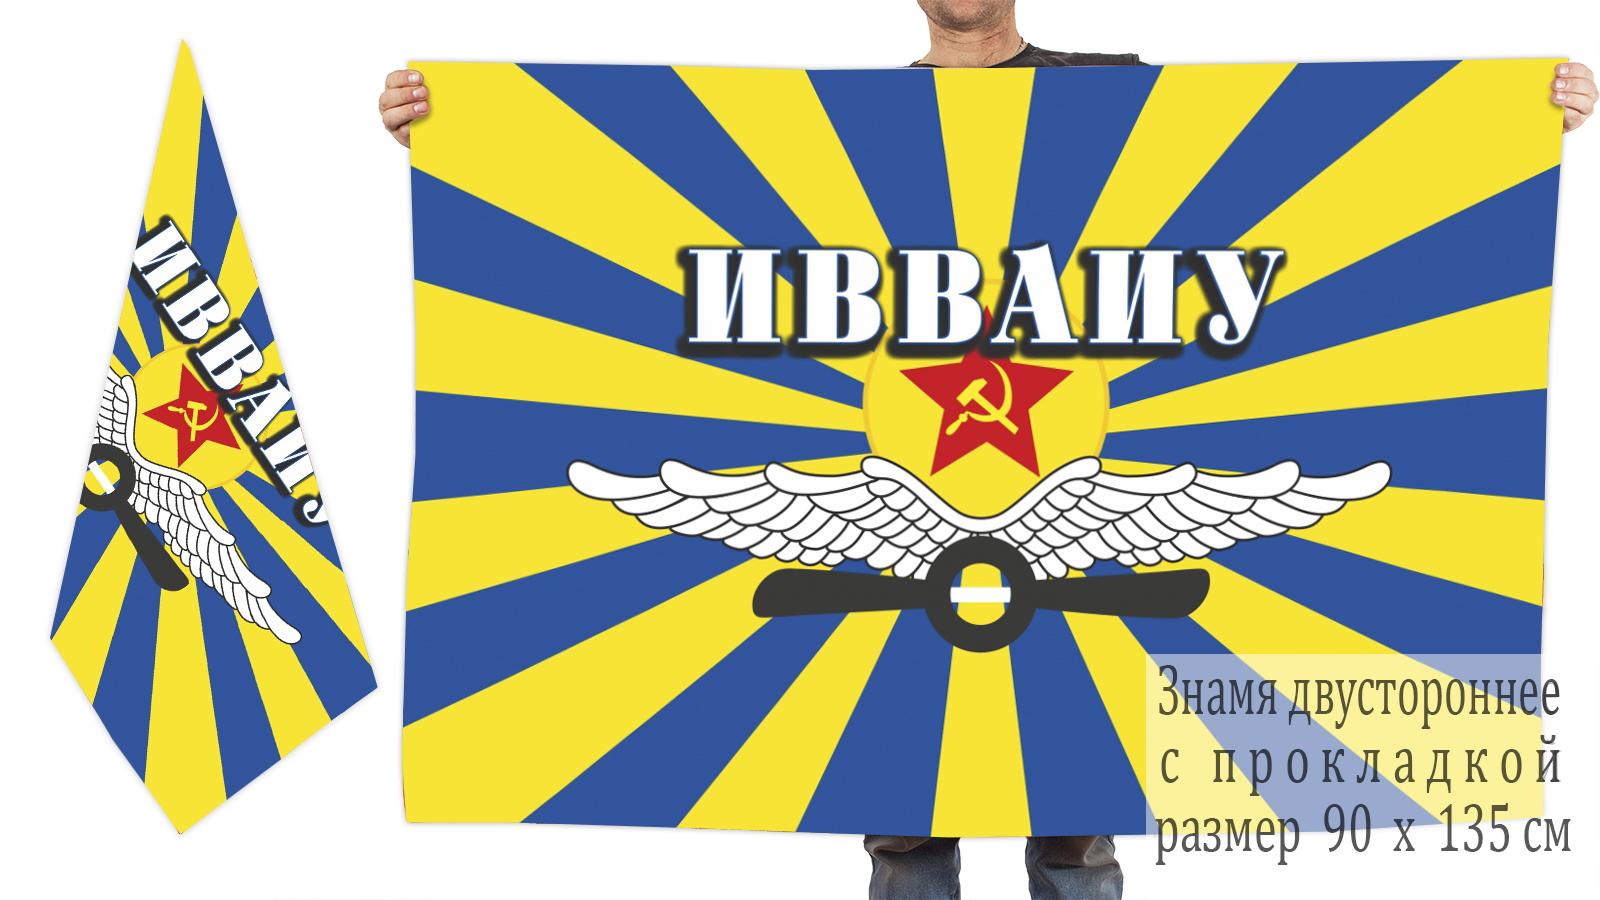 Двусторонний флаг ИВВАИУ с эмблемой ВВС и звездой